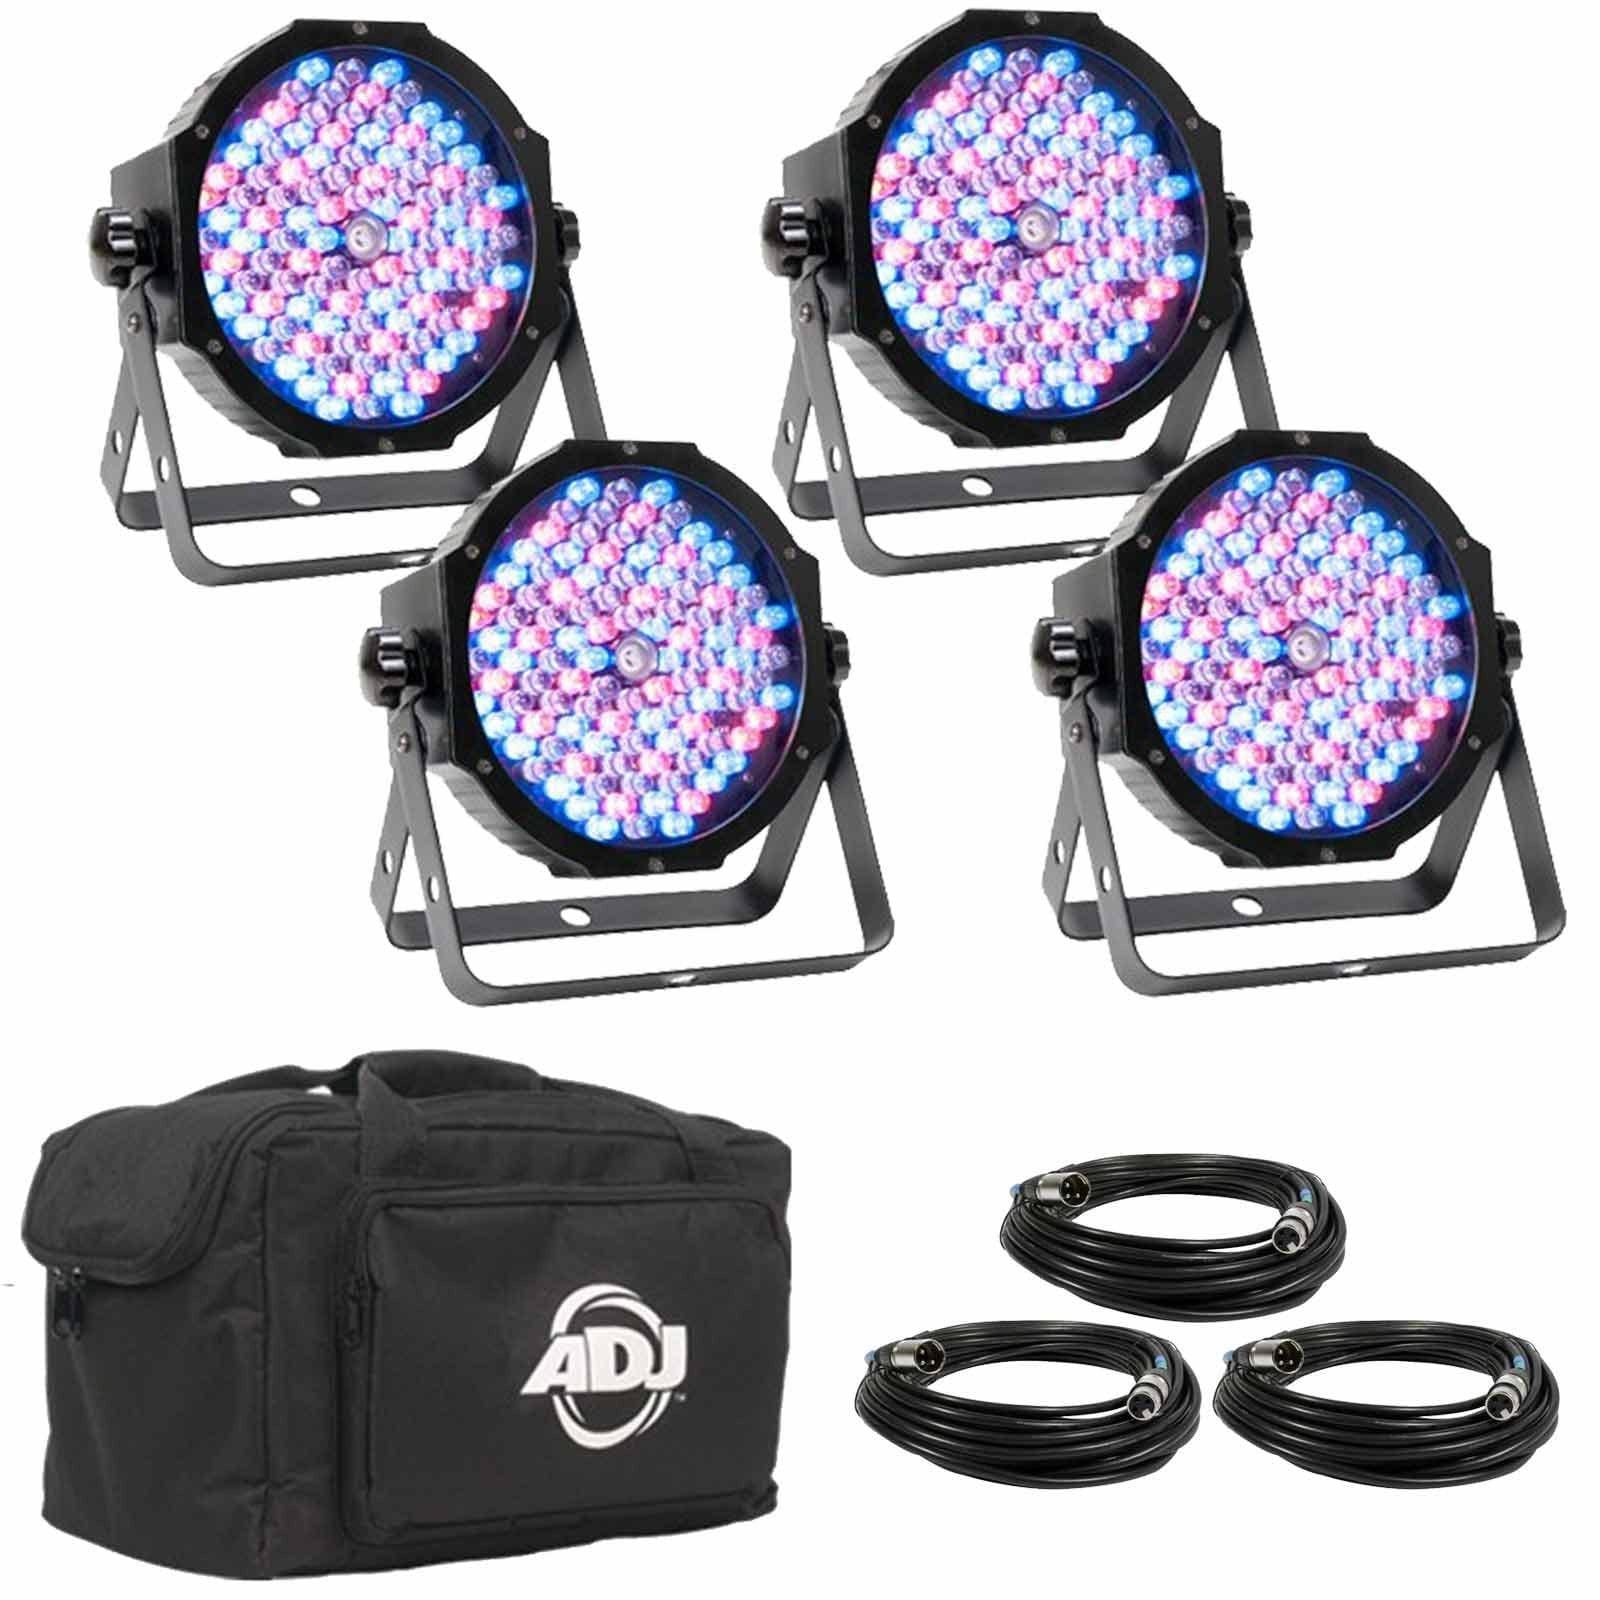 american-dj-mega-flat-pak-plus-4x-mega-par-profile-plus-led-uplights-with-cables-carry-bag-197